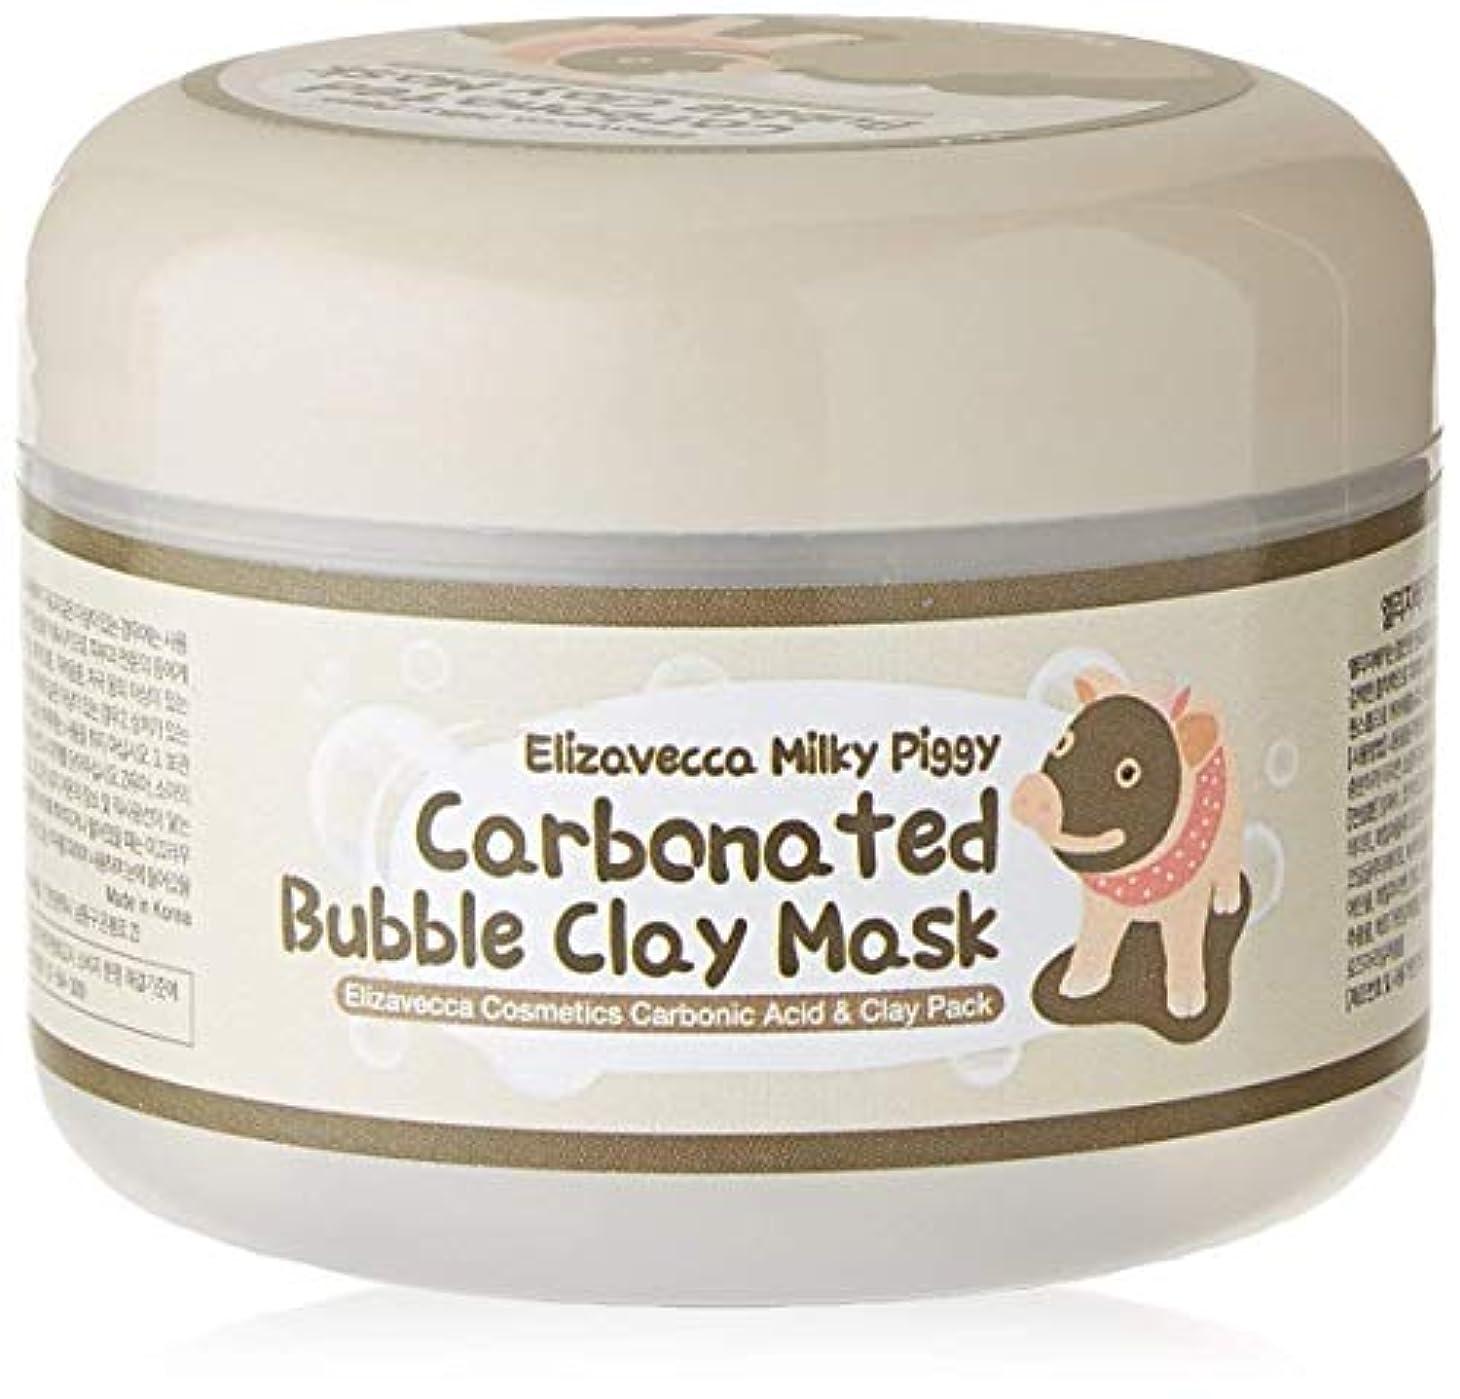 Elizavecca Milky Piggy Carbonated Bubble Clay Mask 100g